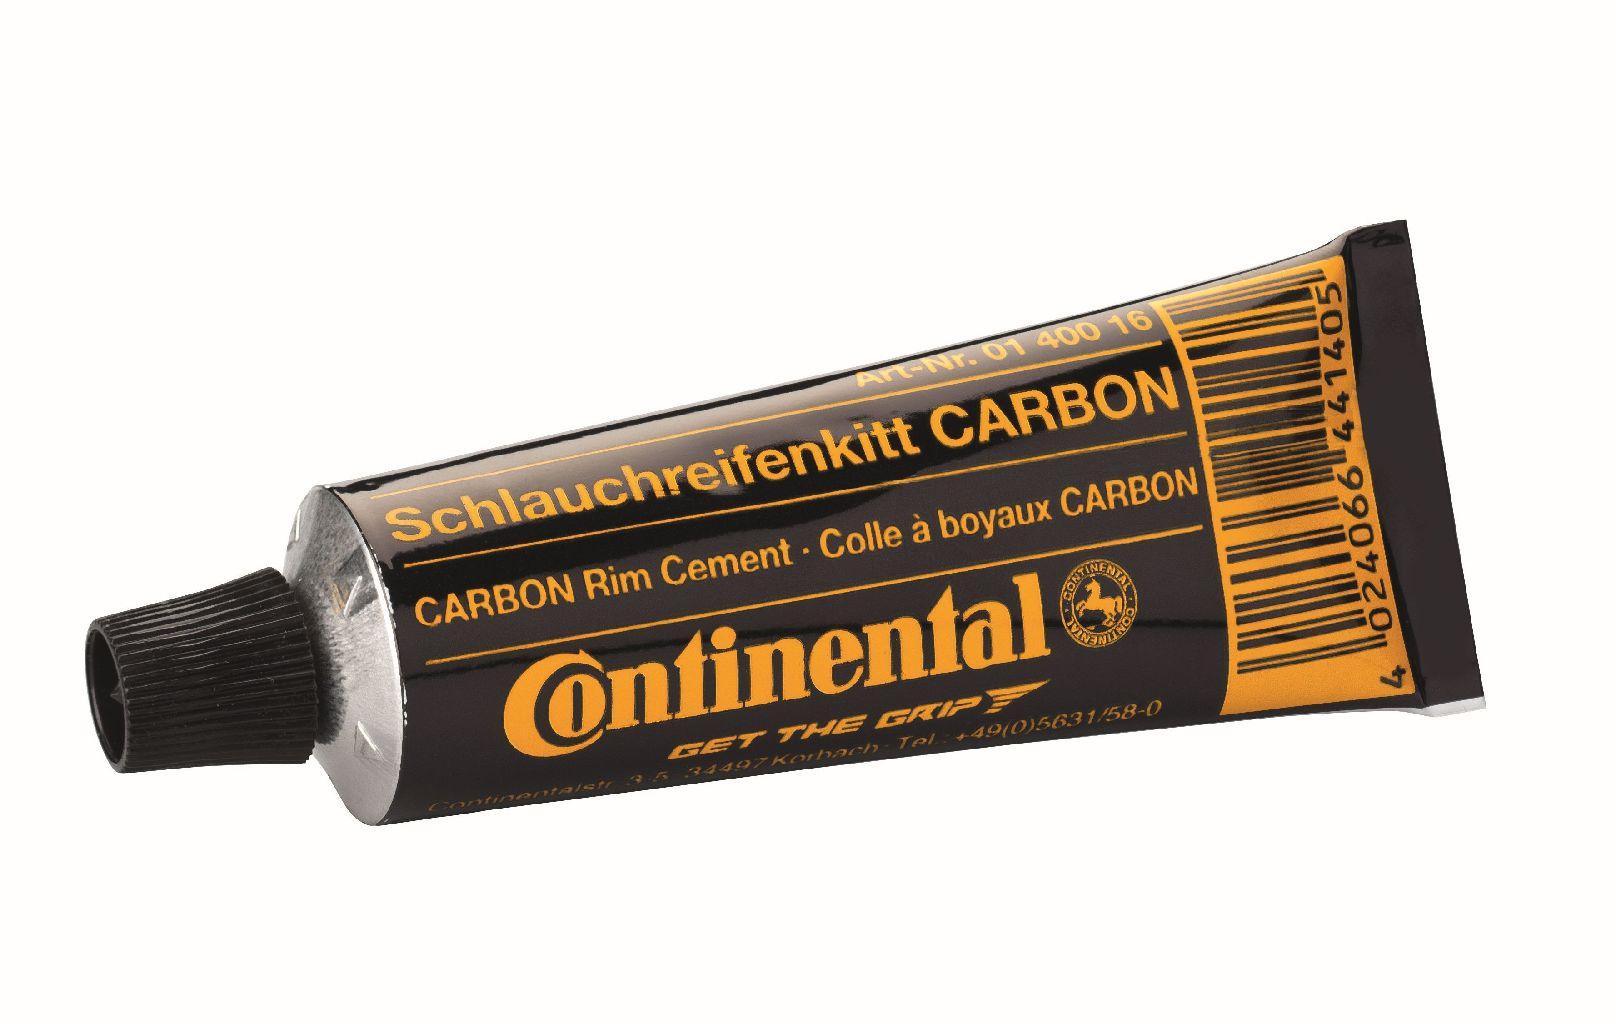 Conti Schlauchreifenkit für Carbonfelgen Tube 25g - Bikedreams & Dustbikes